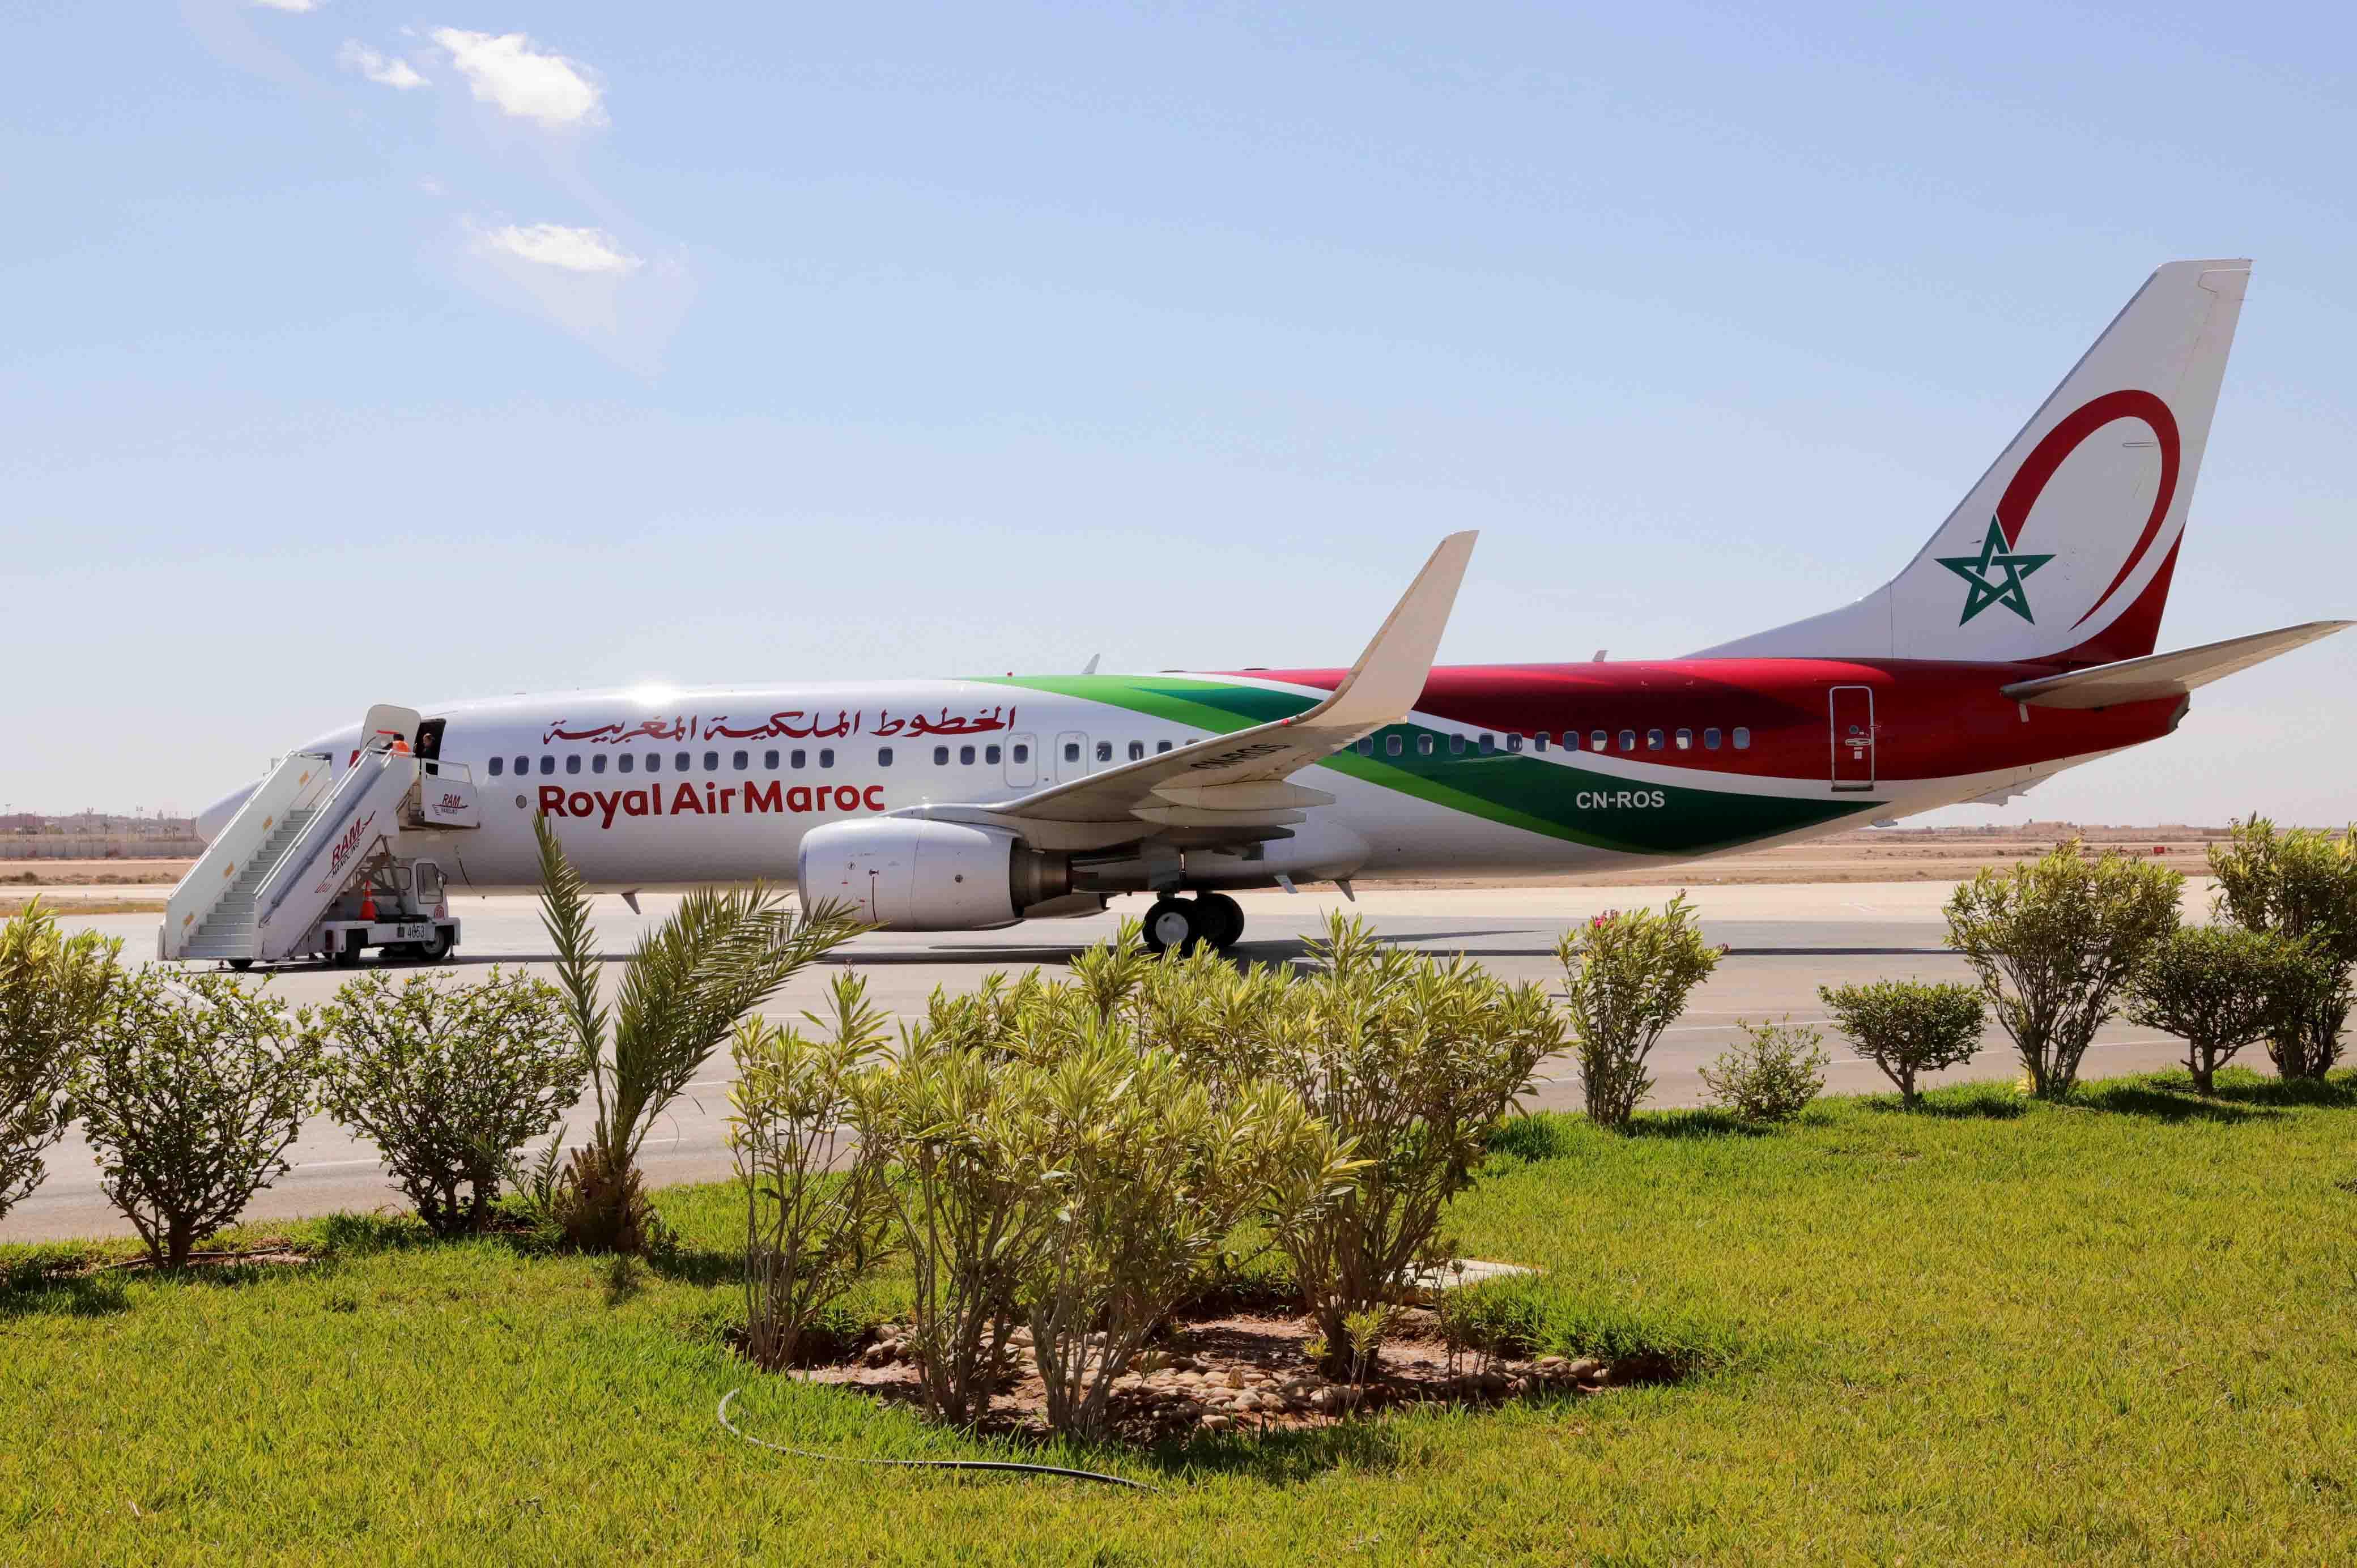 الخطوط الملكية المغربية تطلق برنامجا جديدا للرحلات